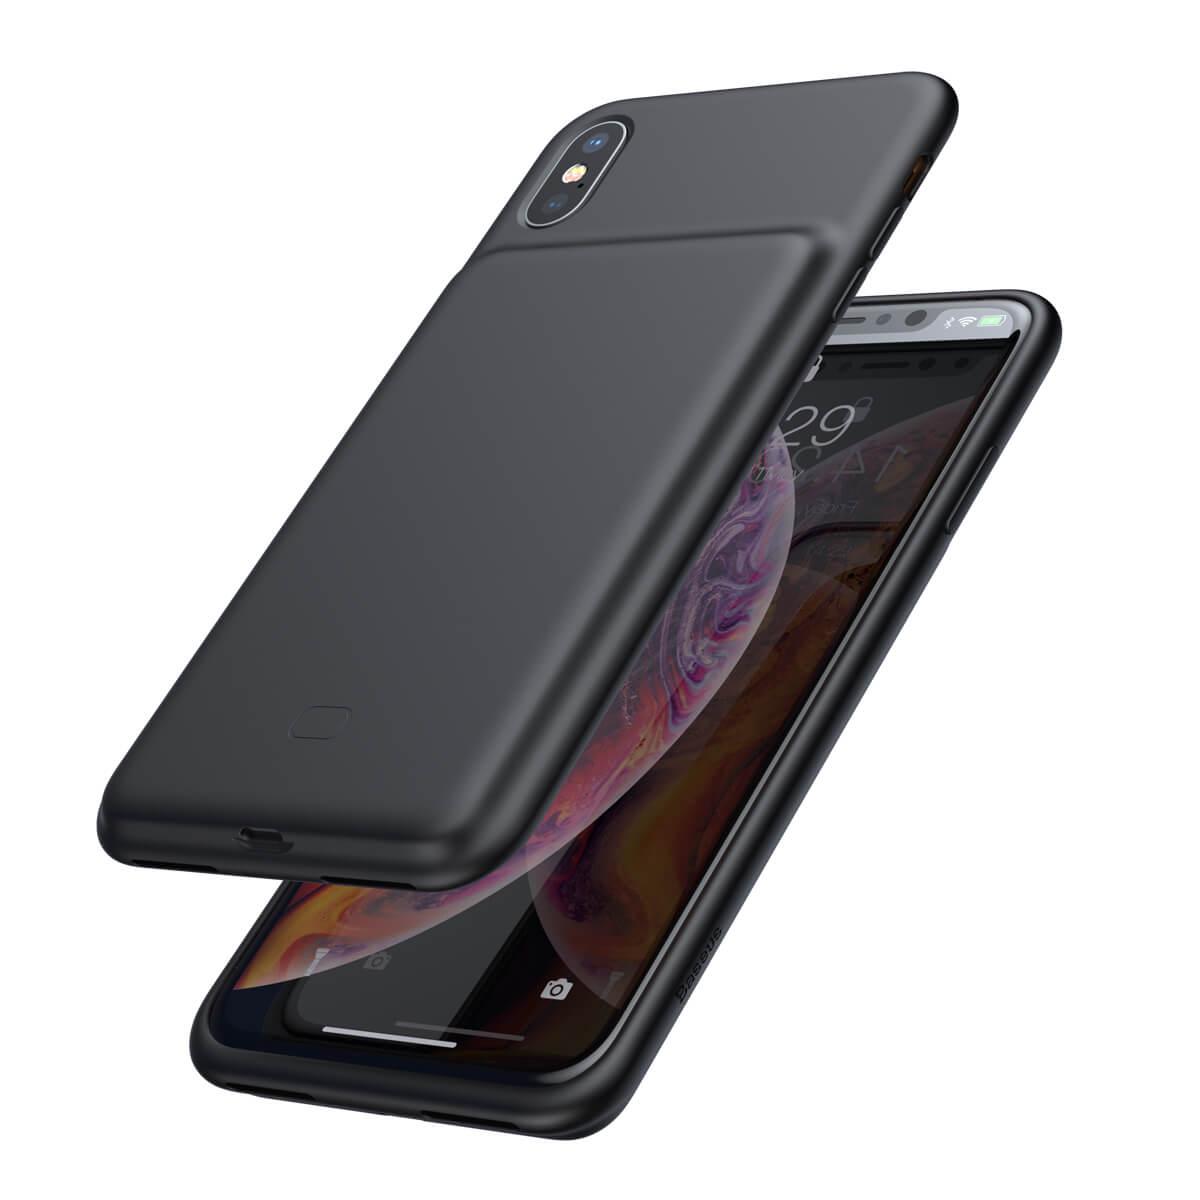 Capa Carregadora Baseus Plint Preta Compatível com iPhone XS Max